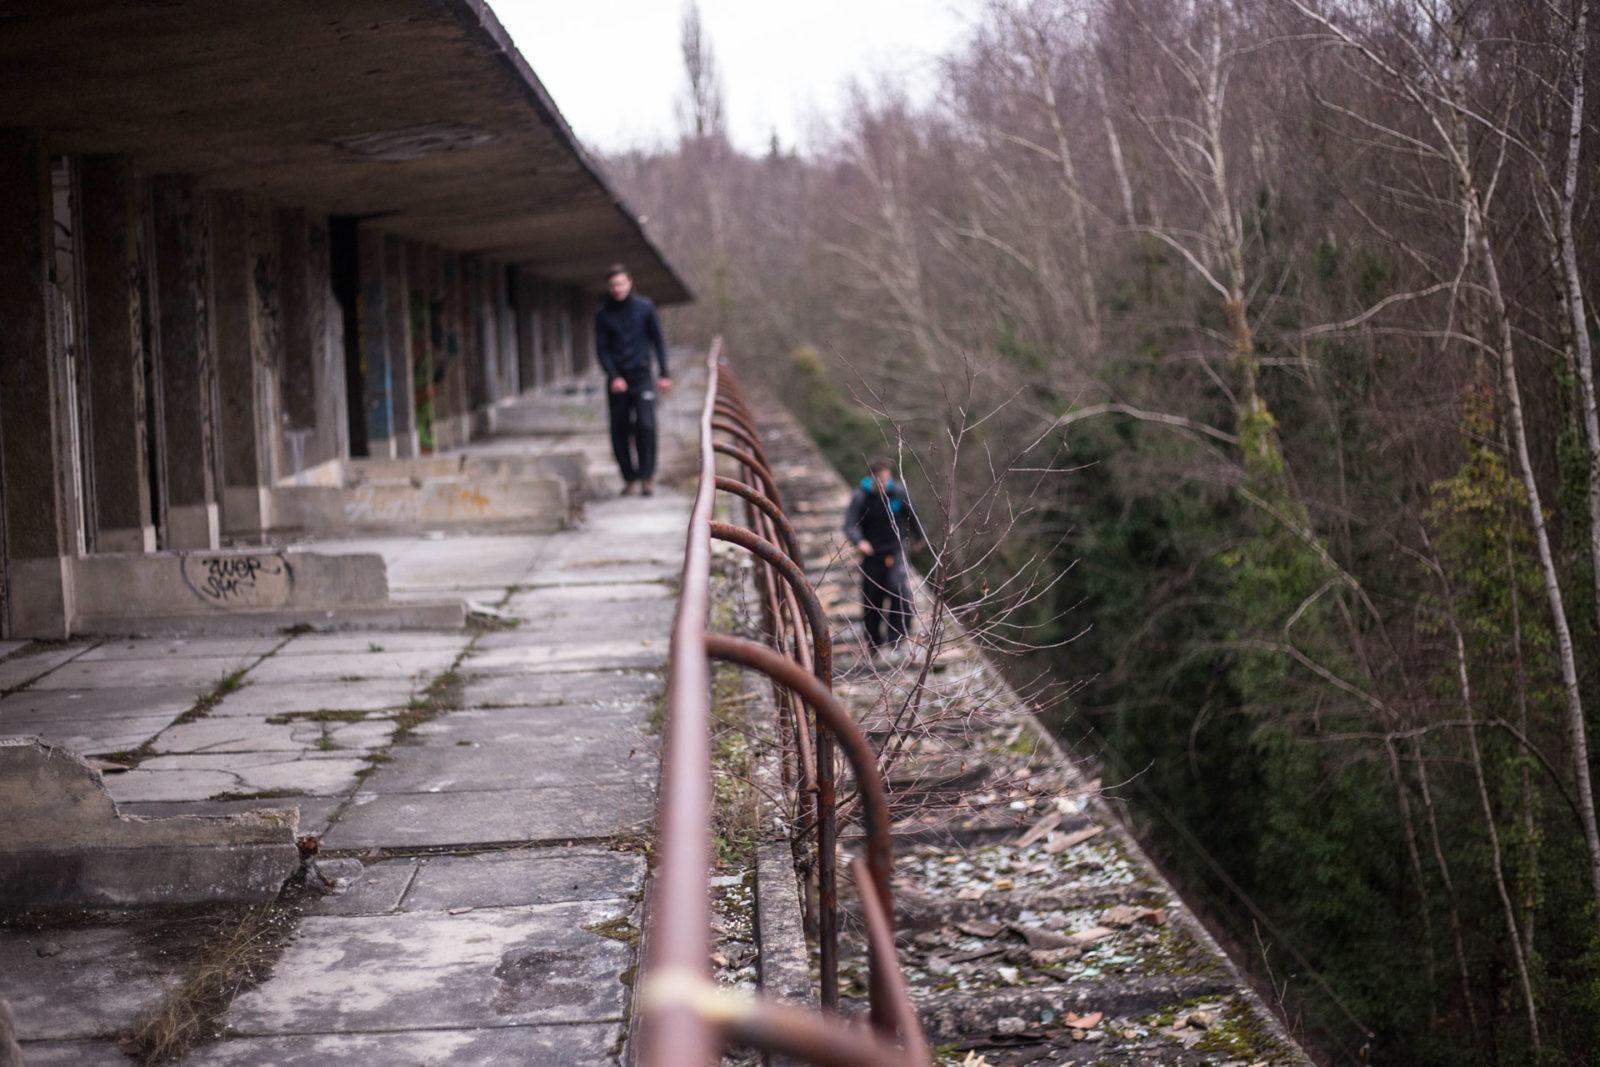 IMG5578 - Urbex x Parkour : visite acrobatique d'un sanatorium abandonné